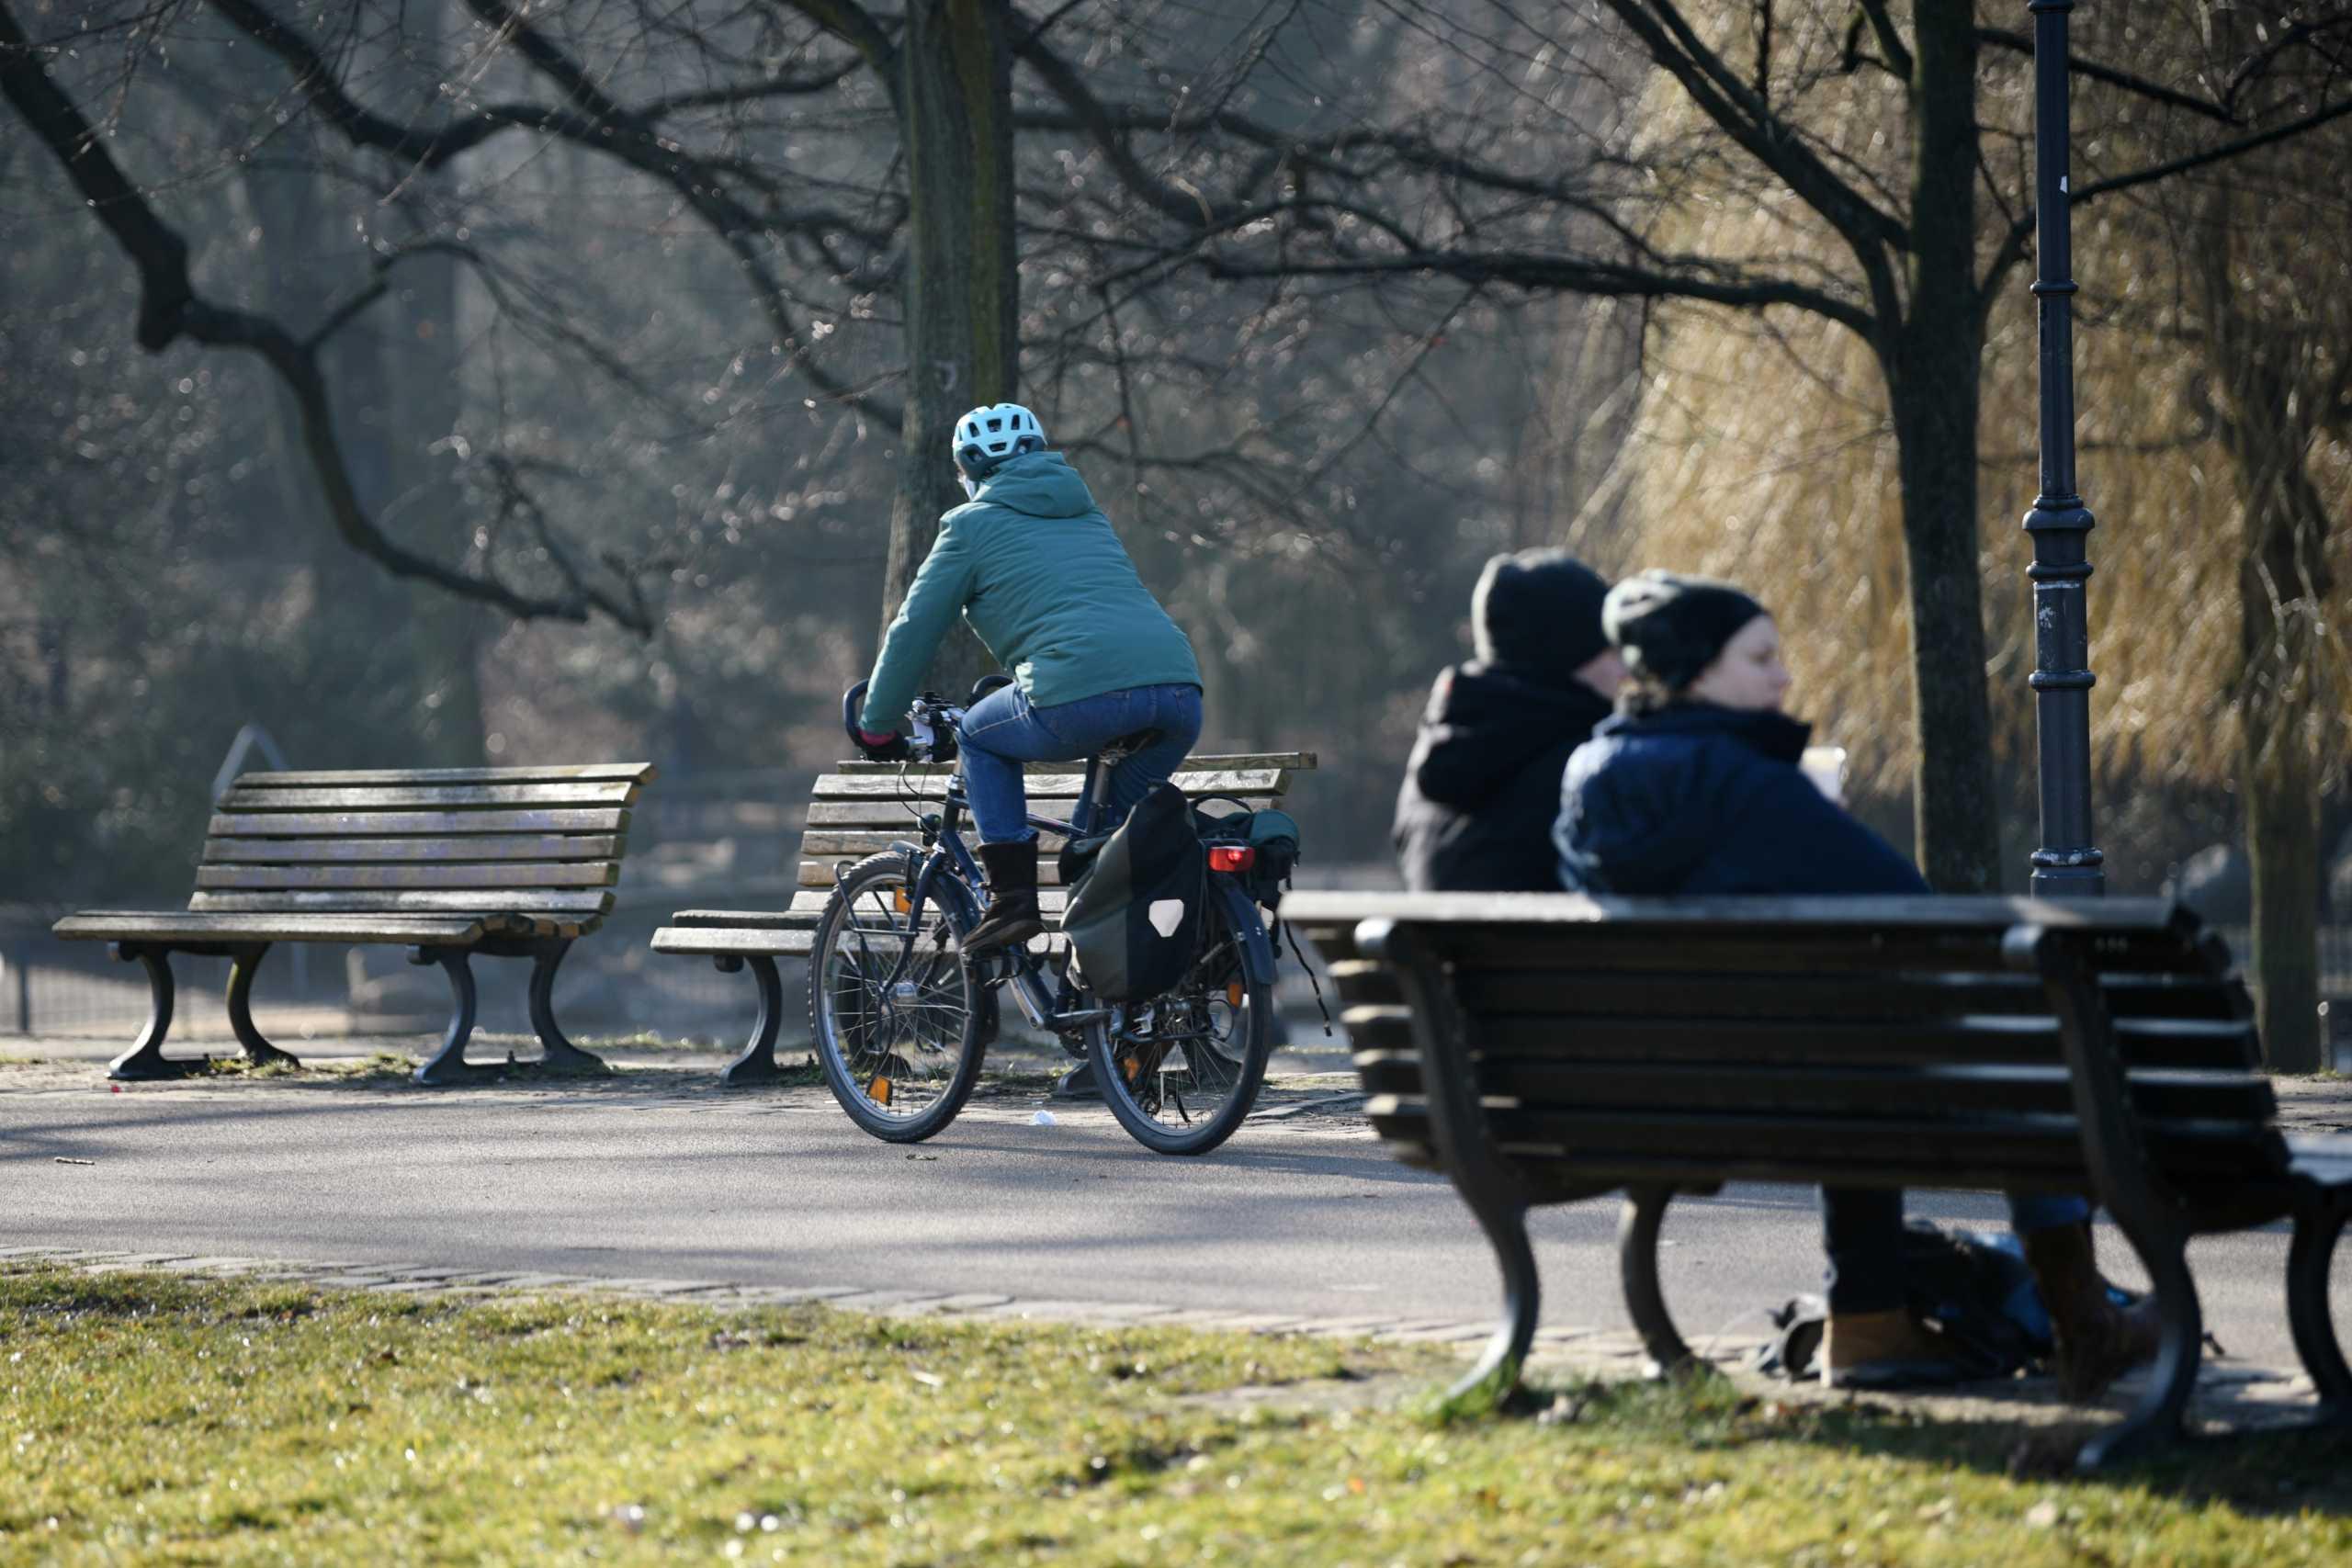 Κορονοϊός: Σε δίλημμα οι Γερμανοί για το σχέδιο χαλάρωσης